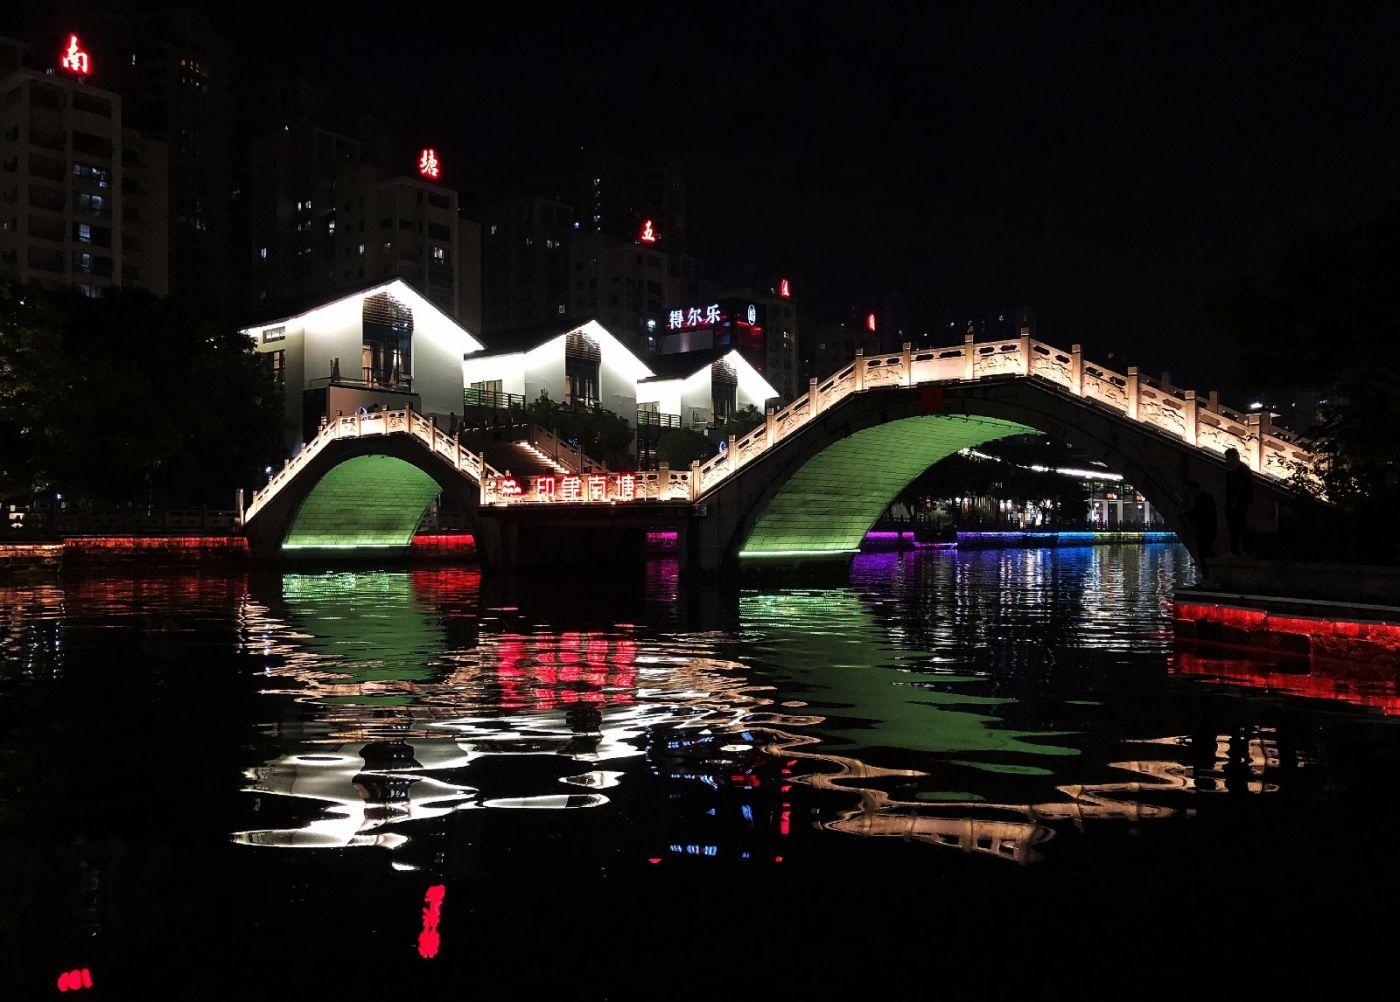 【田螺随拍】温州的印象南塘-手机版_图1-2